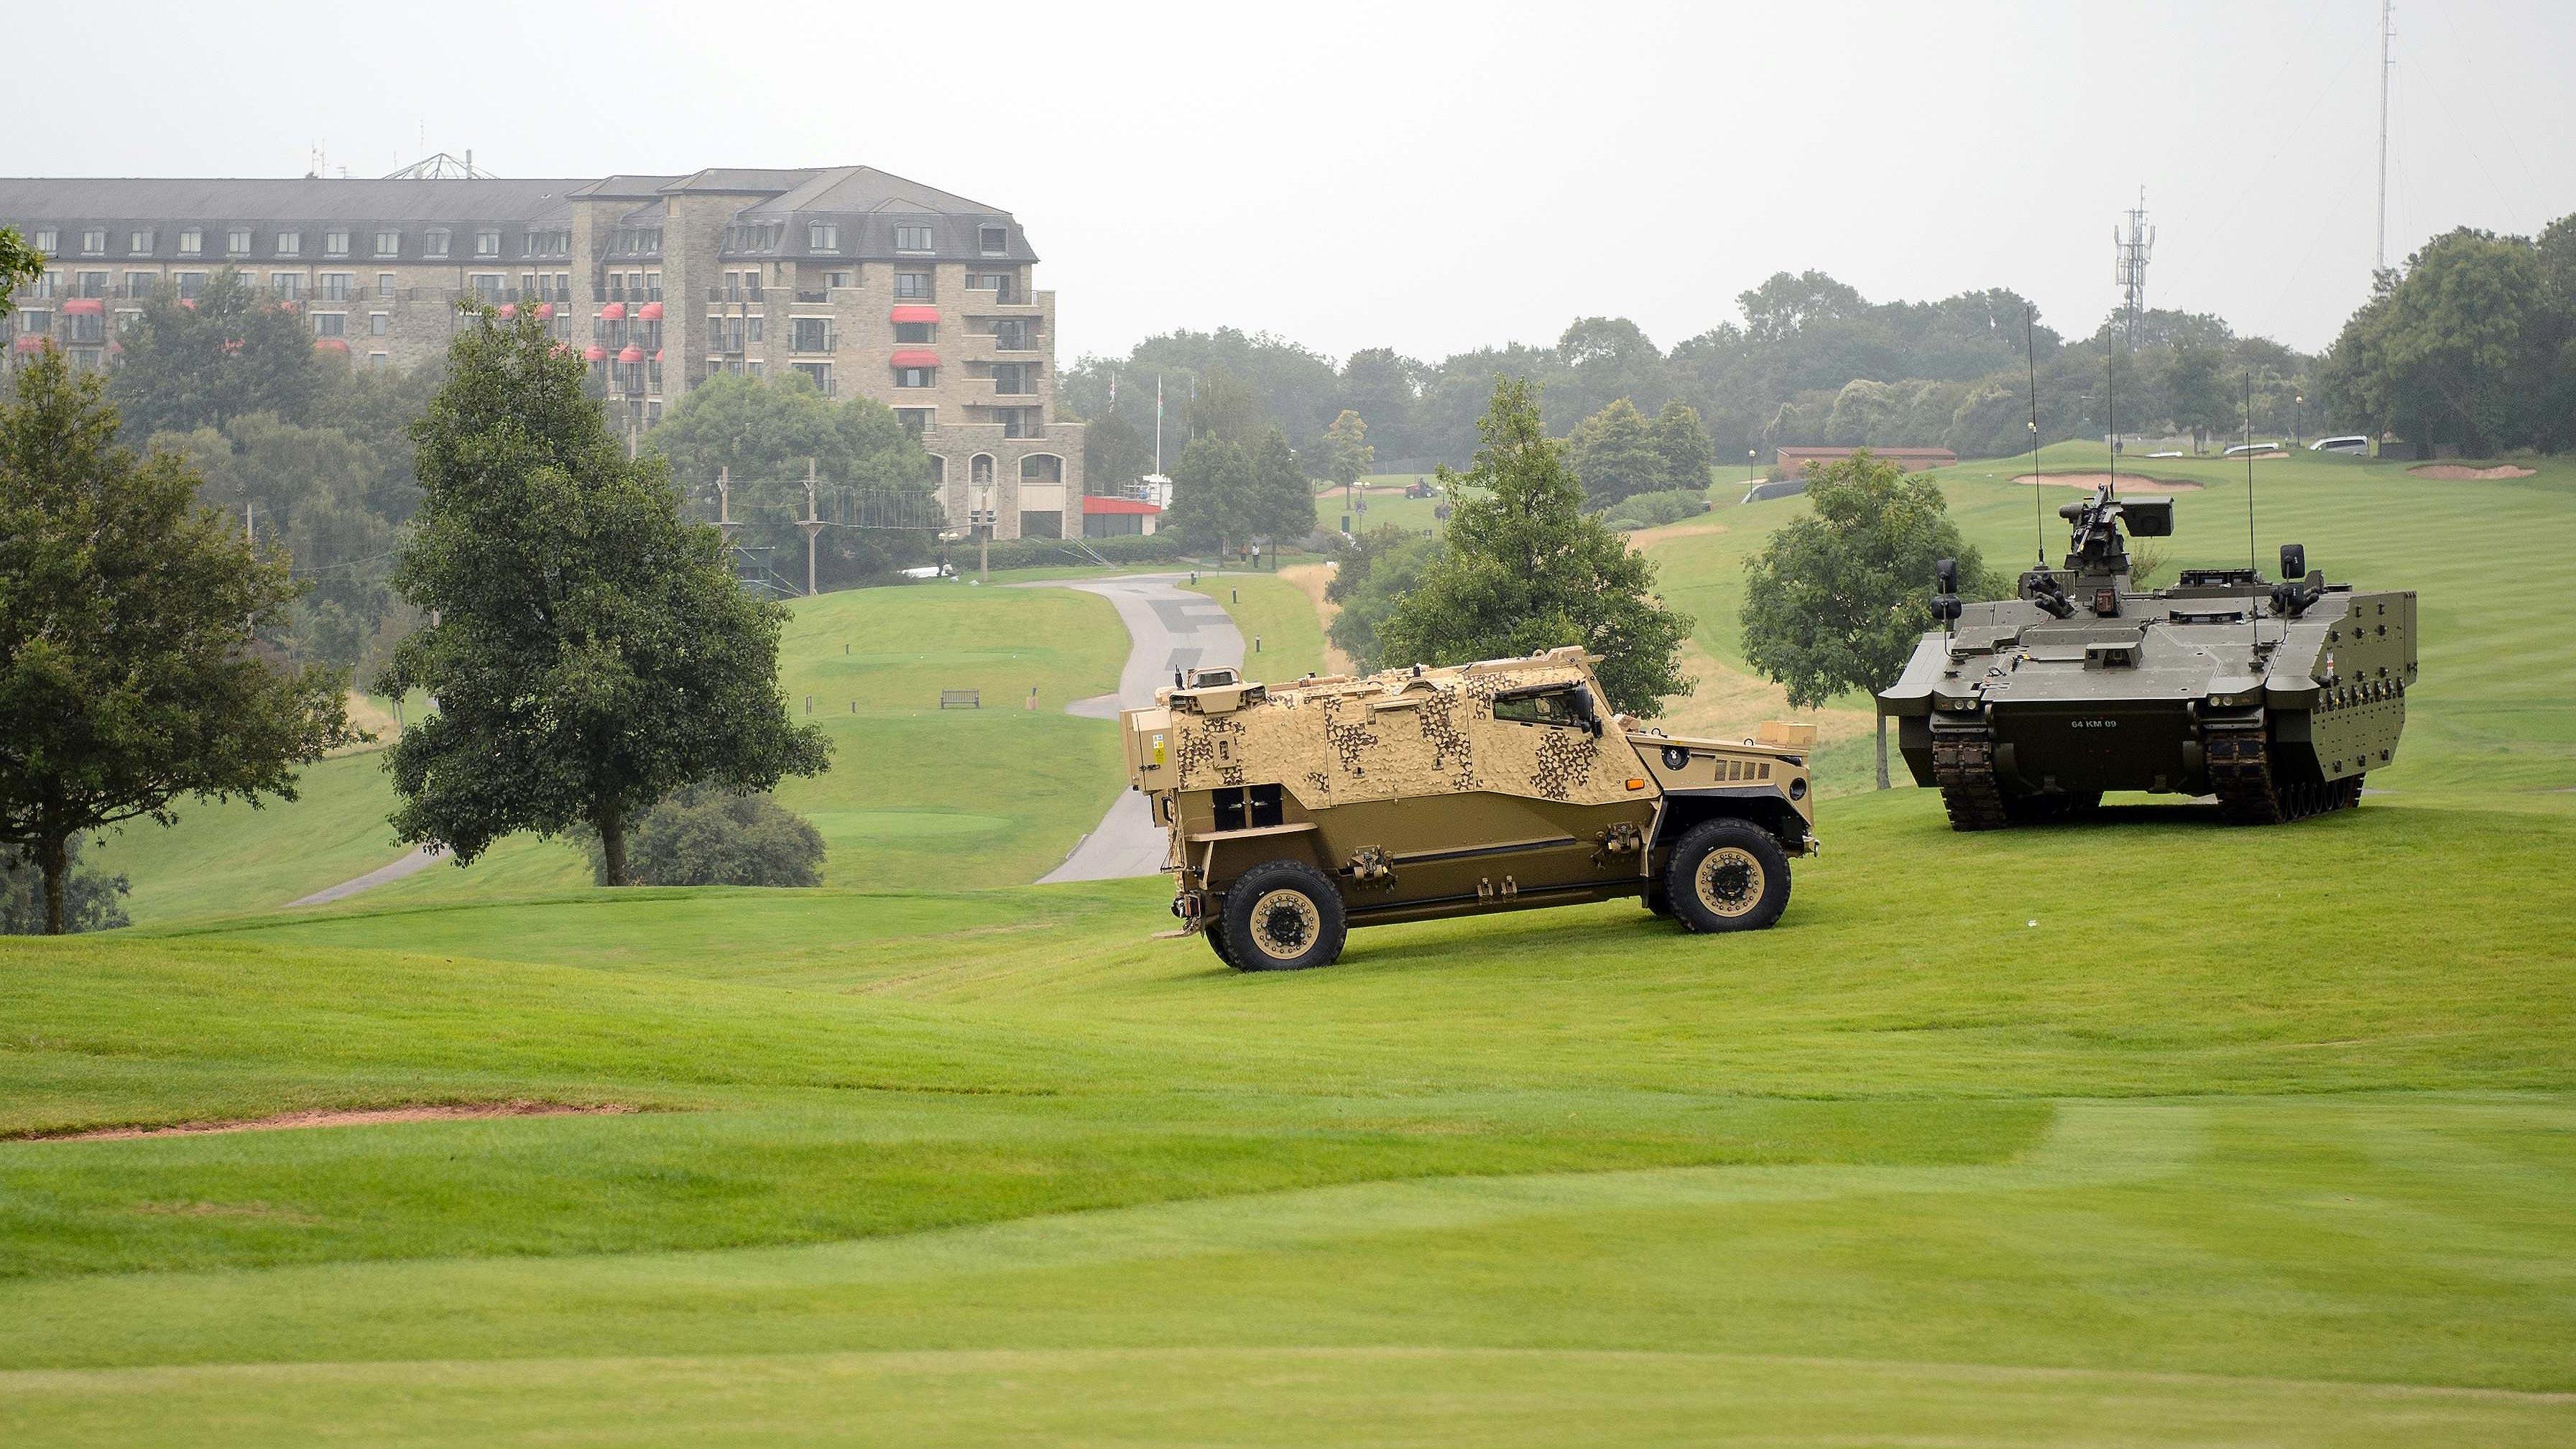 Vehículos blindados en el campo de golf del hotel Celtic Manor, en Newport, Reino Unido, donde se celebra la cumbre de la OTAN. Foto: EFE/Alberto Martín